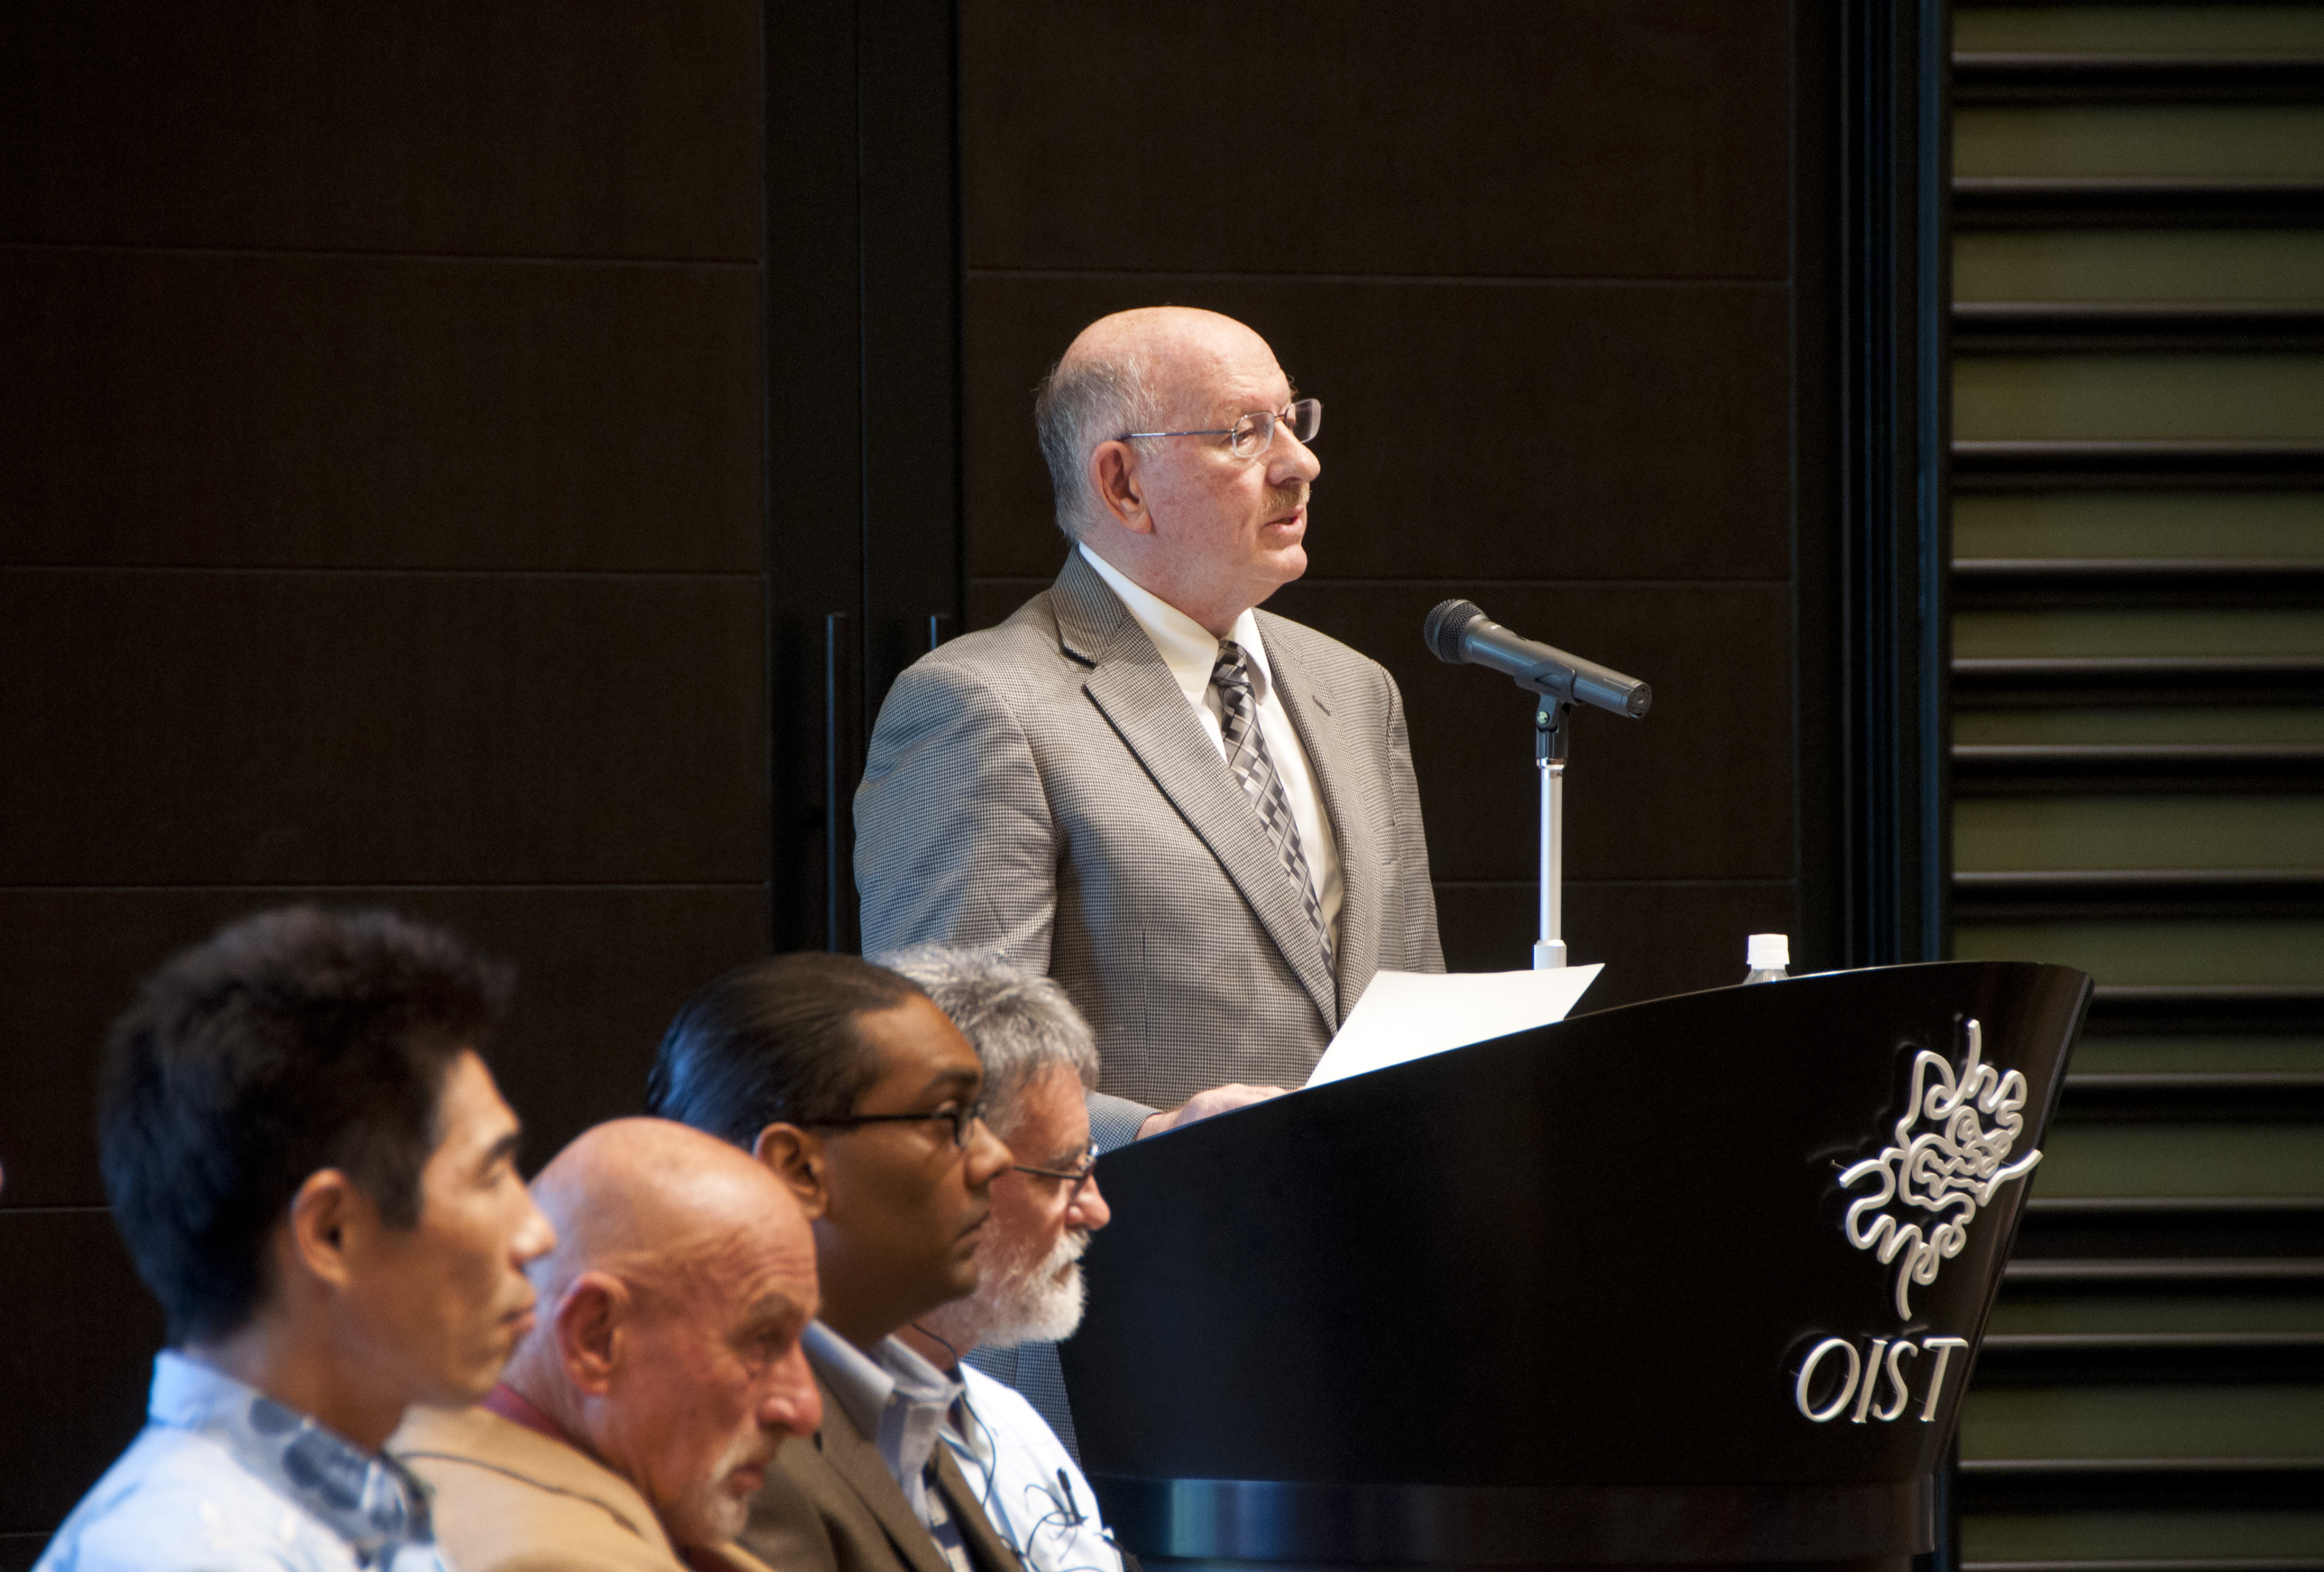 ジョナサン・ドーファン沖縄科学技術大学院大学学長、OIST博士課程開設式典にて。2012年9月6日